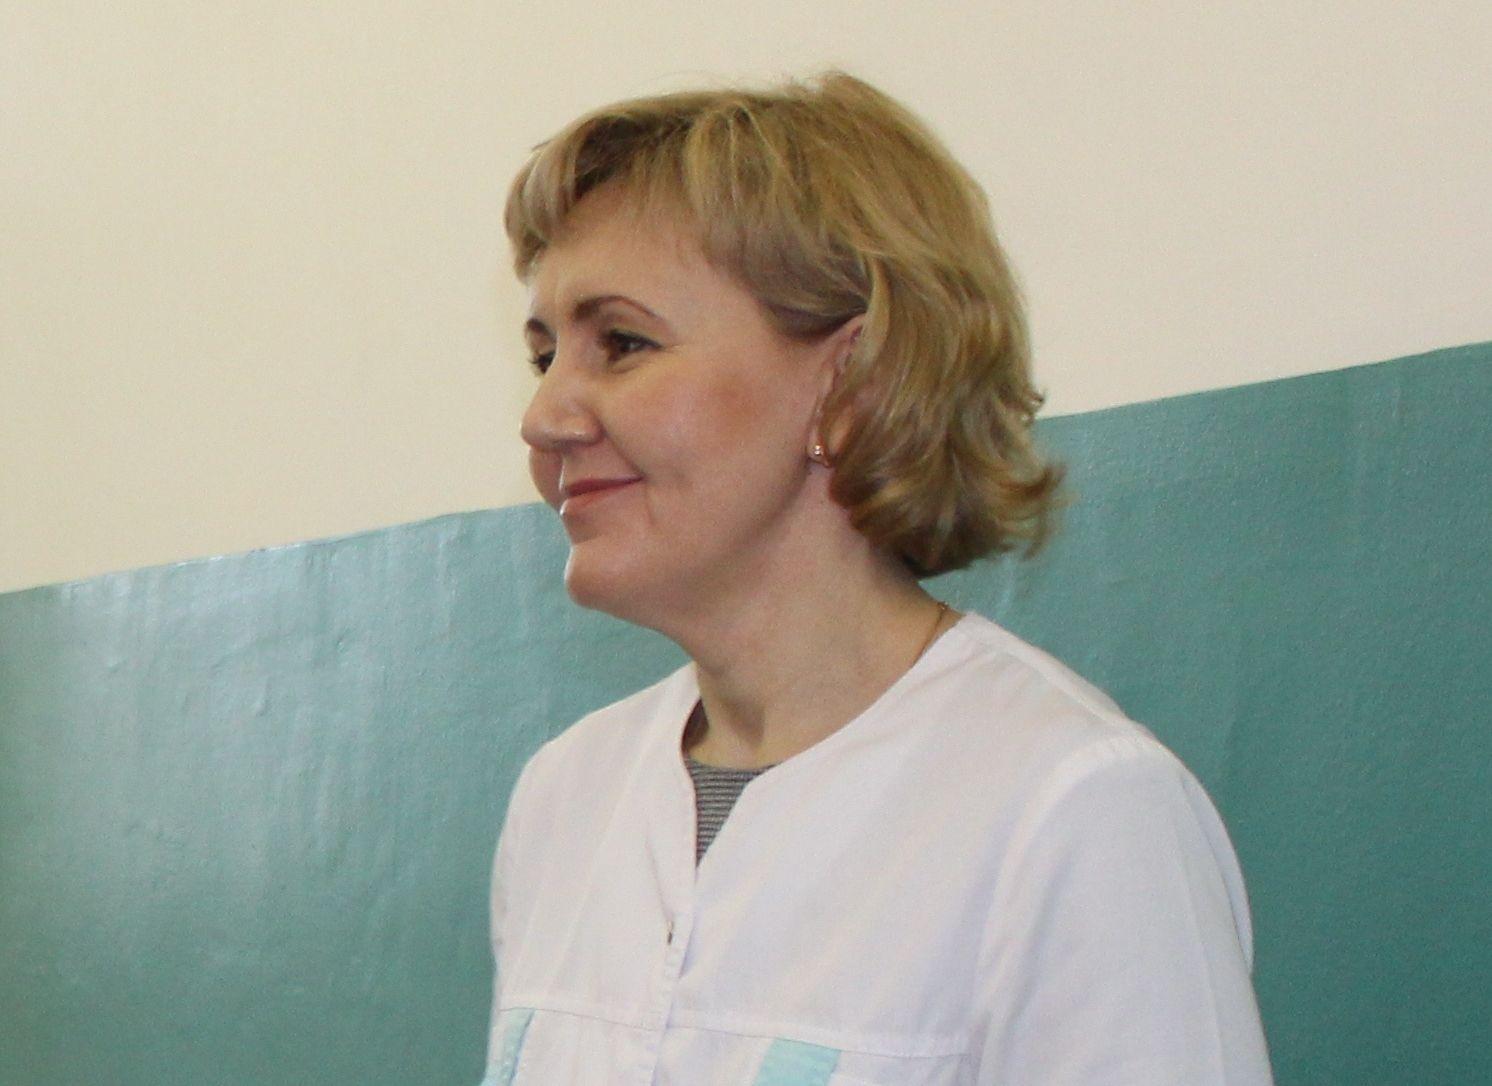 Татьяна Гаврилова: Мы рады видеть будущих мам в наших стенах